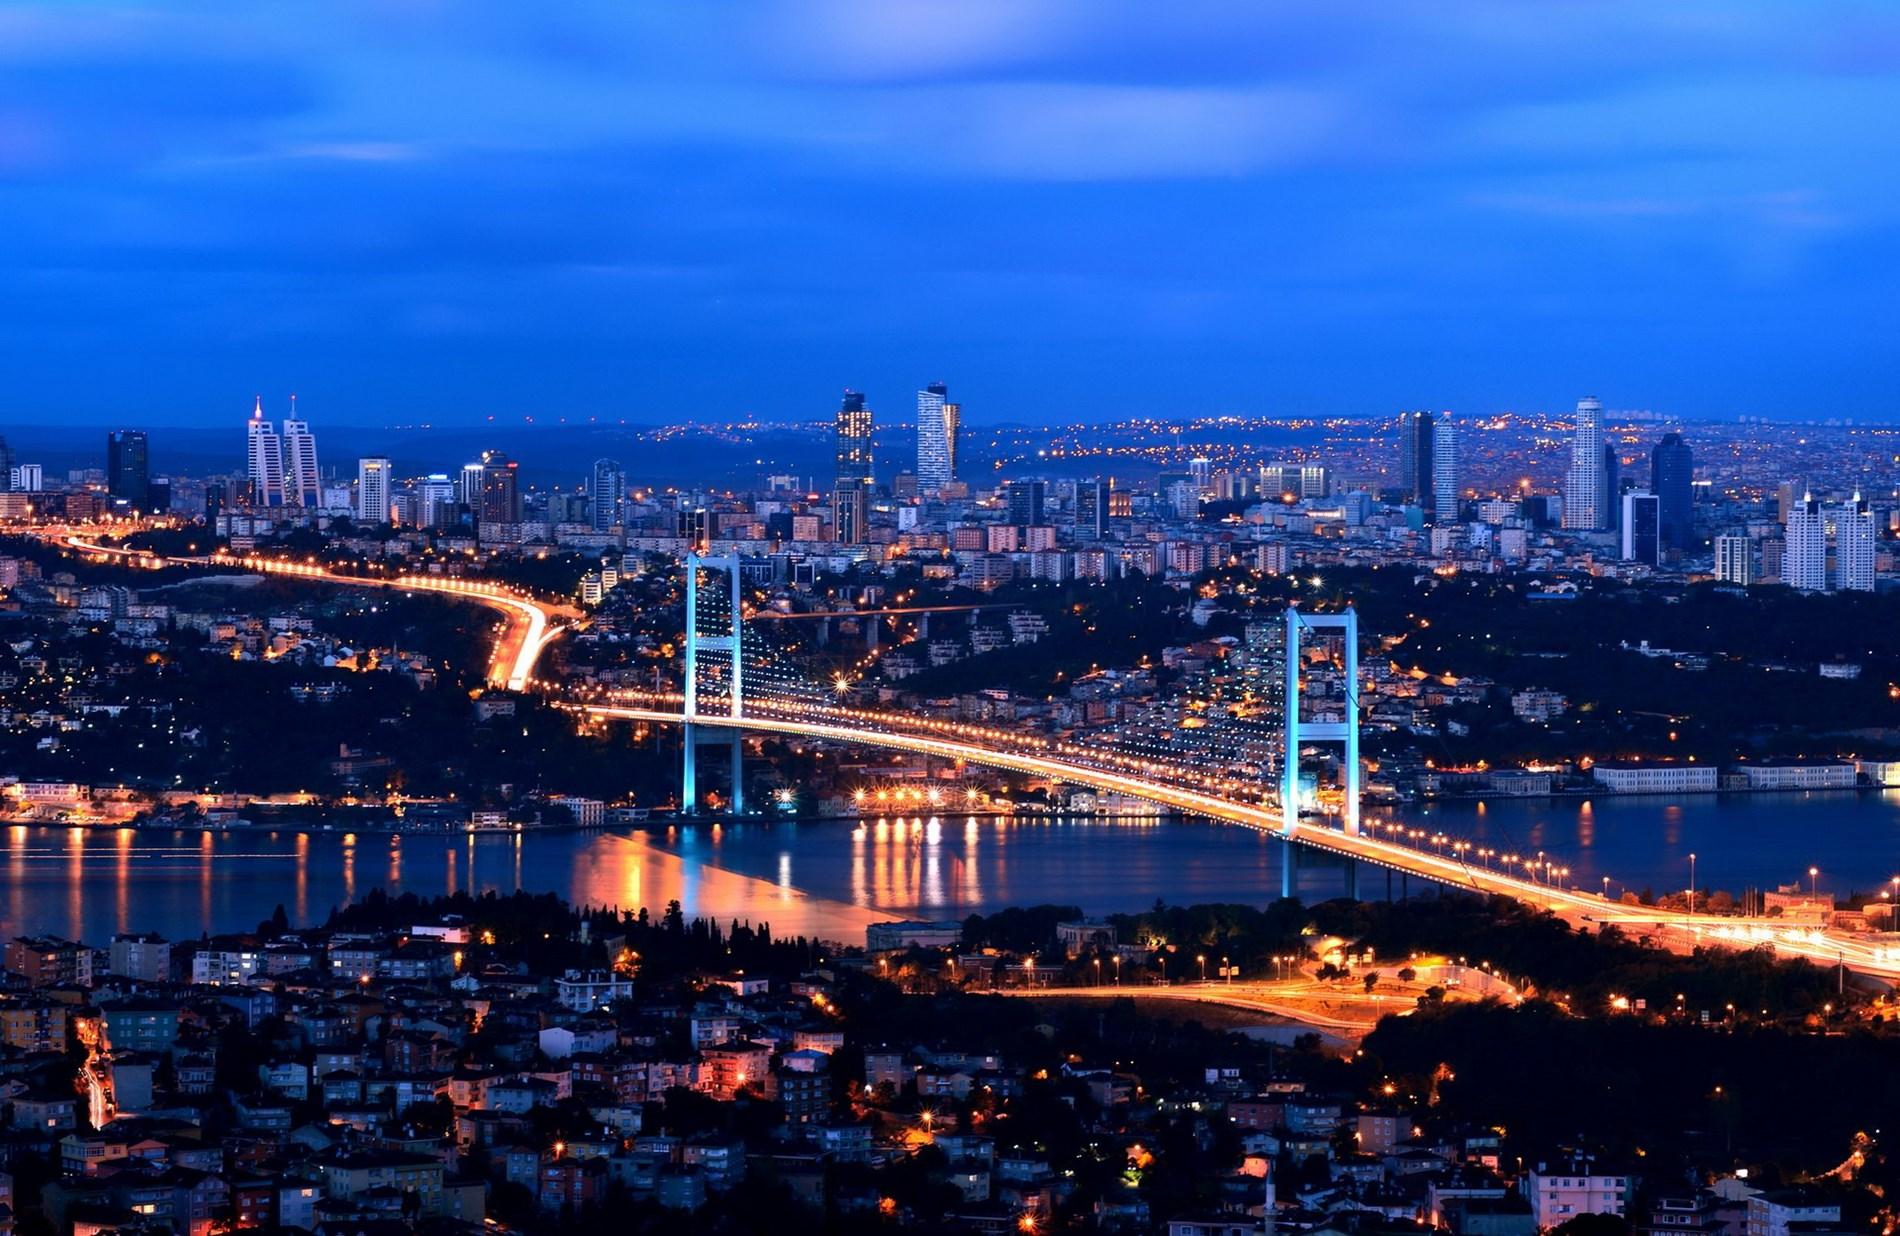 إسطنبول-الصور-1